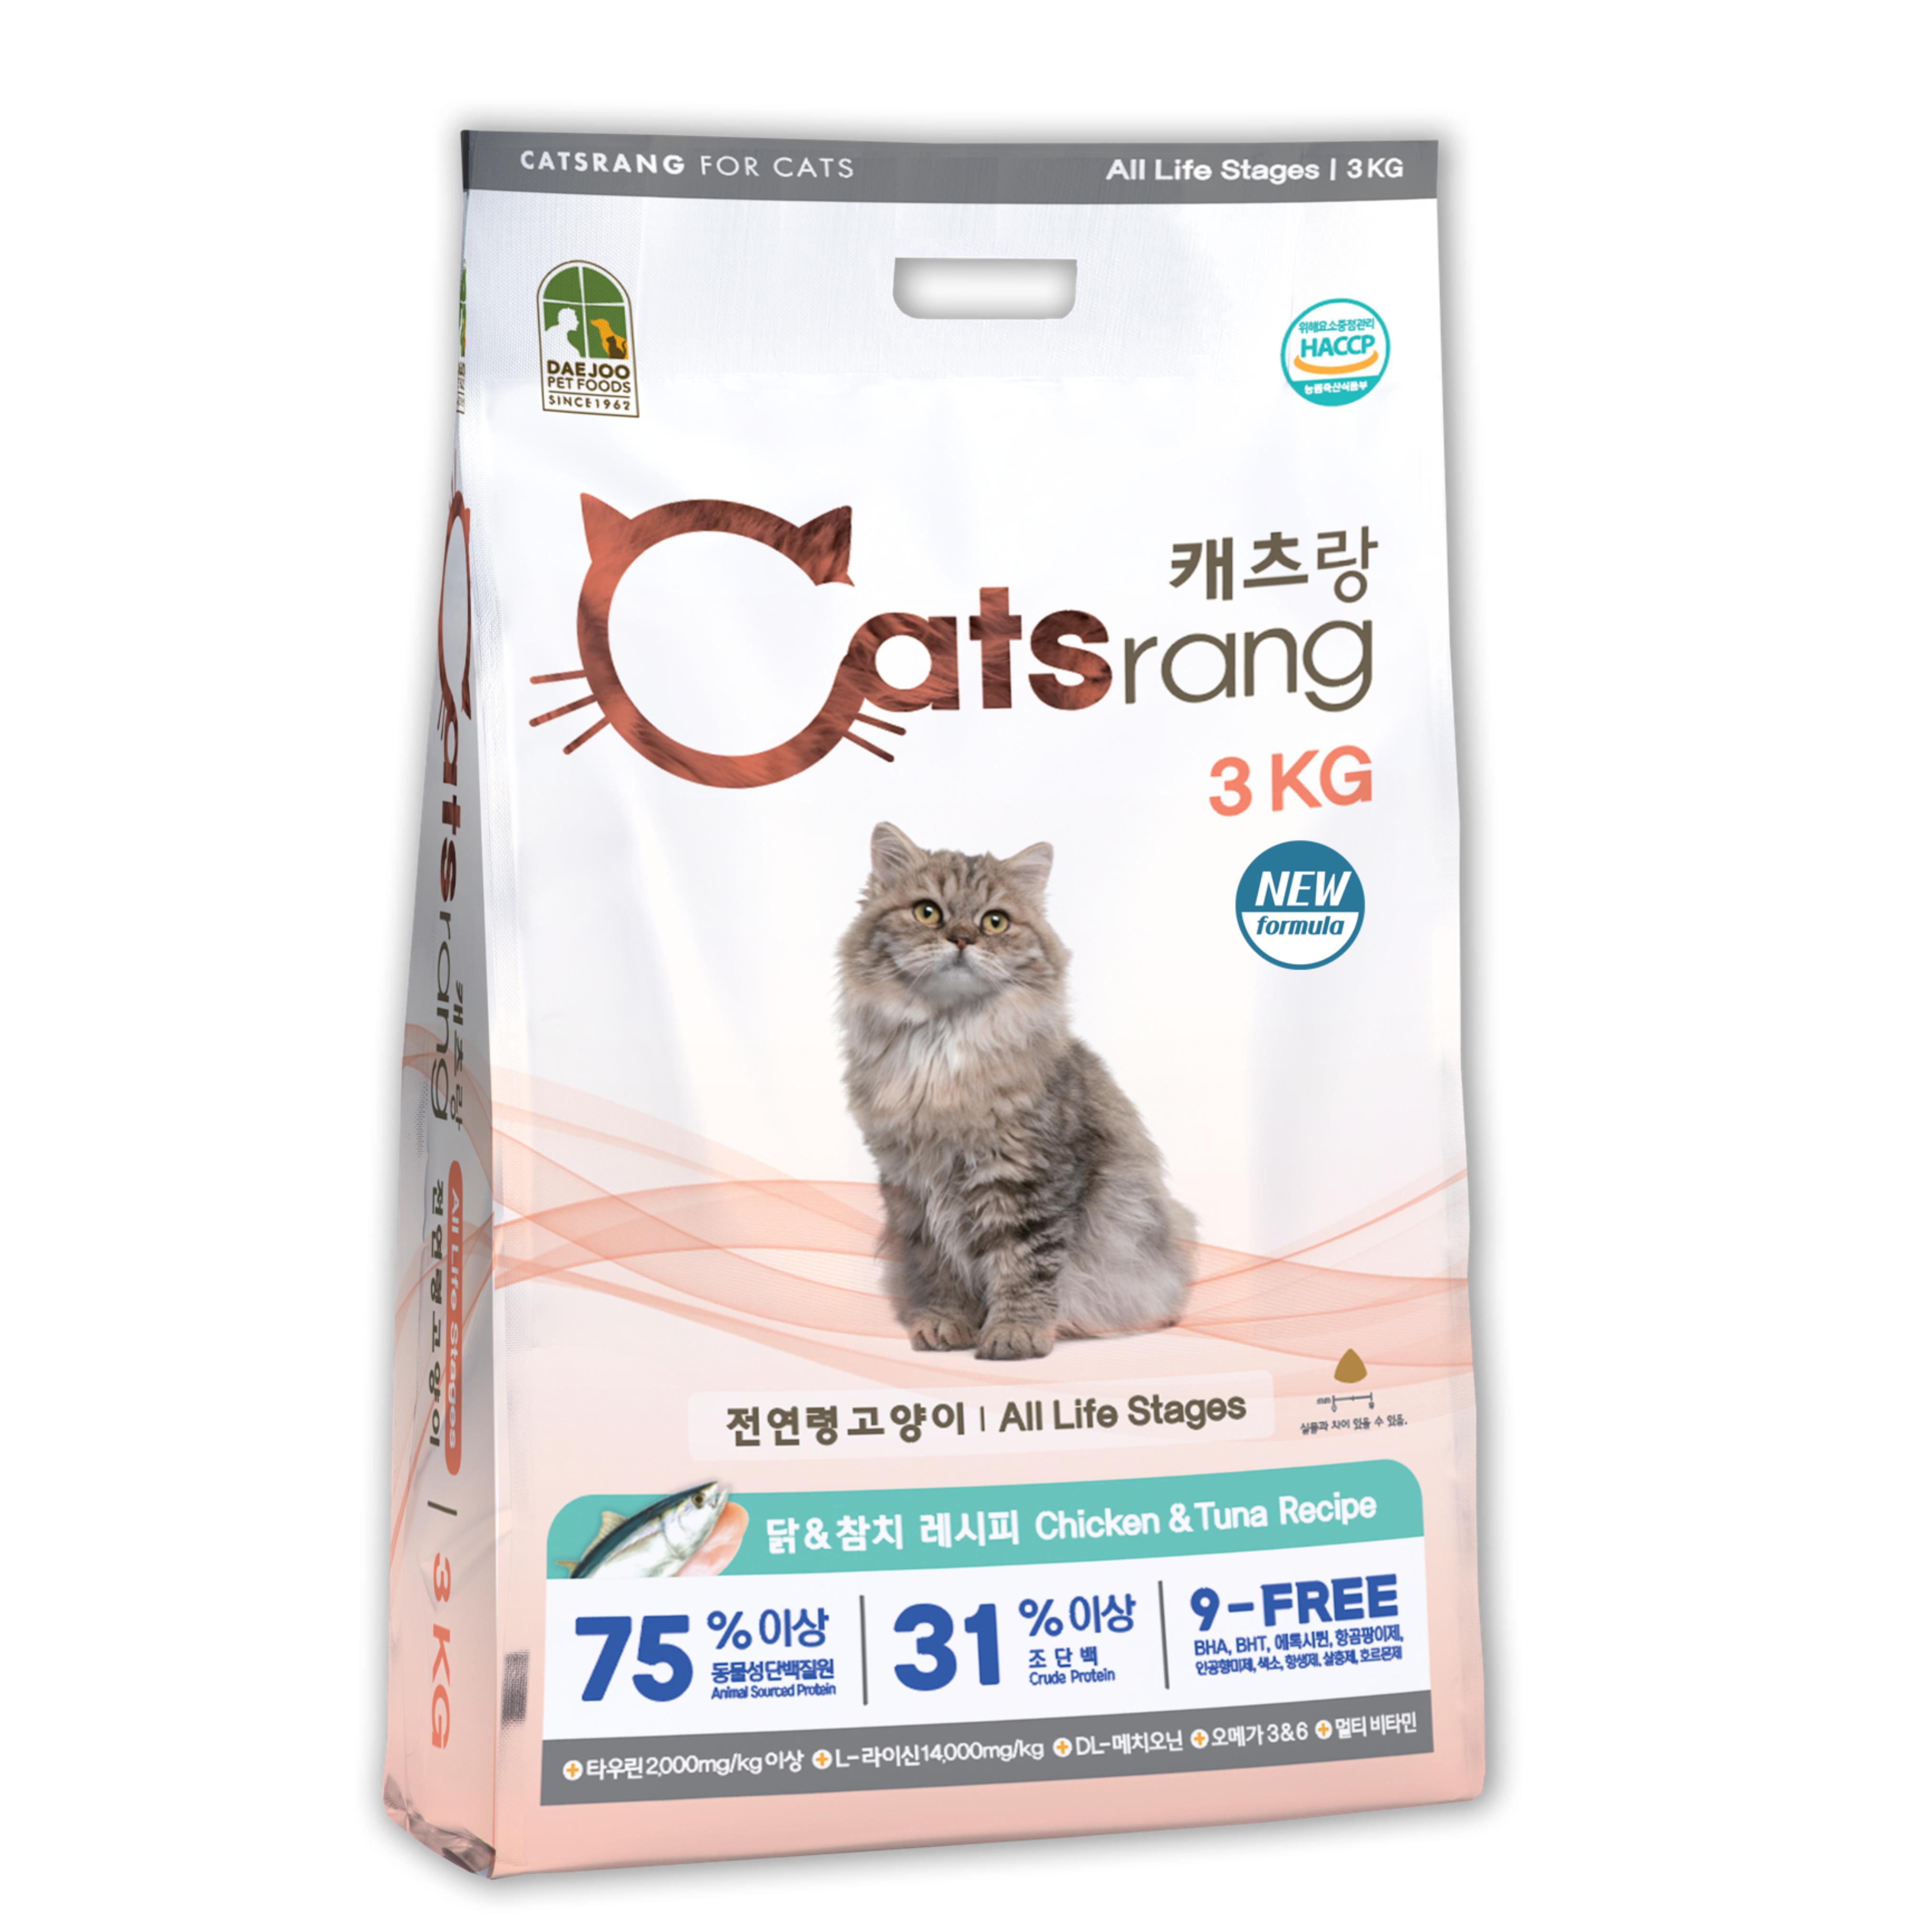 캐츠랑 NEW 전연령 올라이프 고양이 건식사료, 닭 + 참치, 3kg